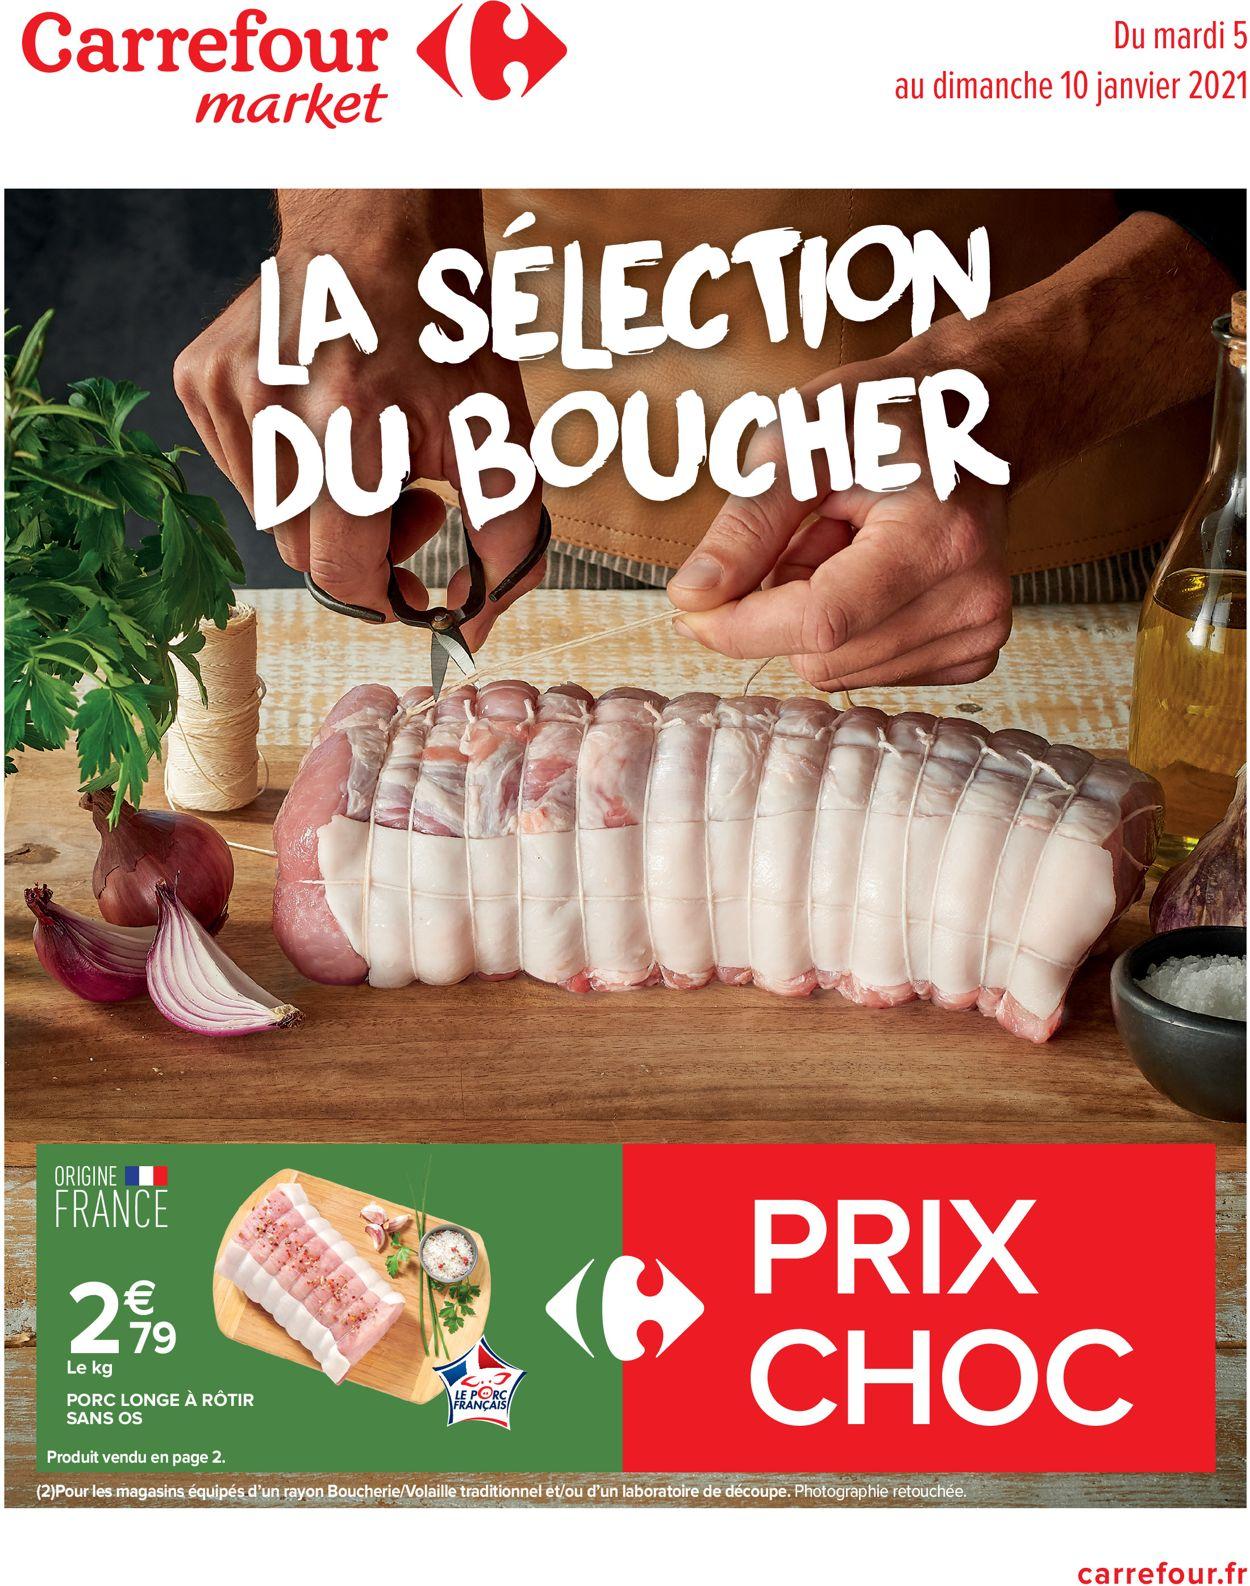 Carrefour La Sélection du Boucher 2021 Catalogue - 05.01-10.01.2021